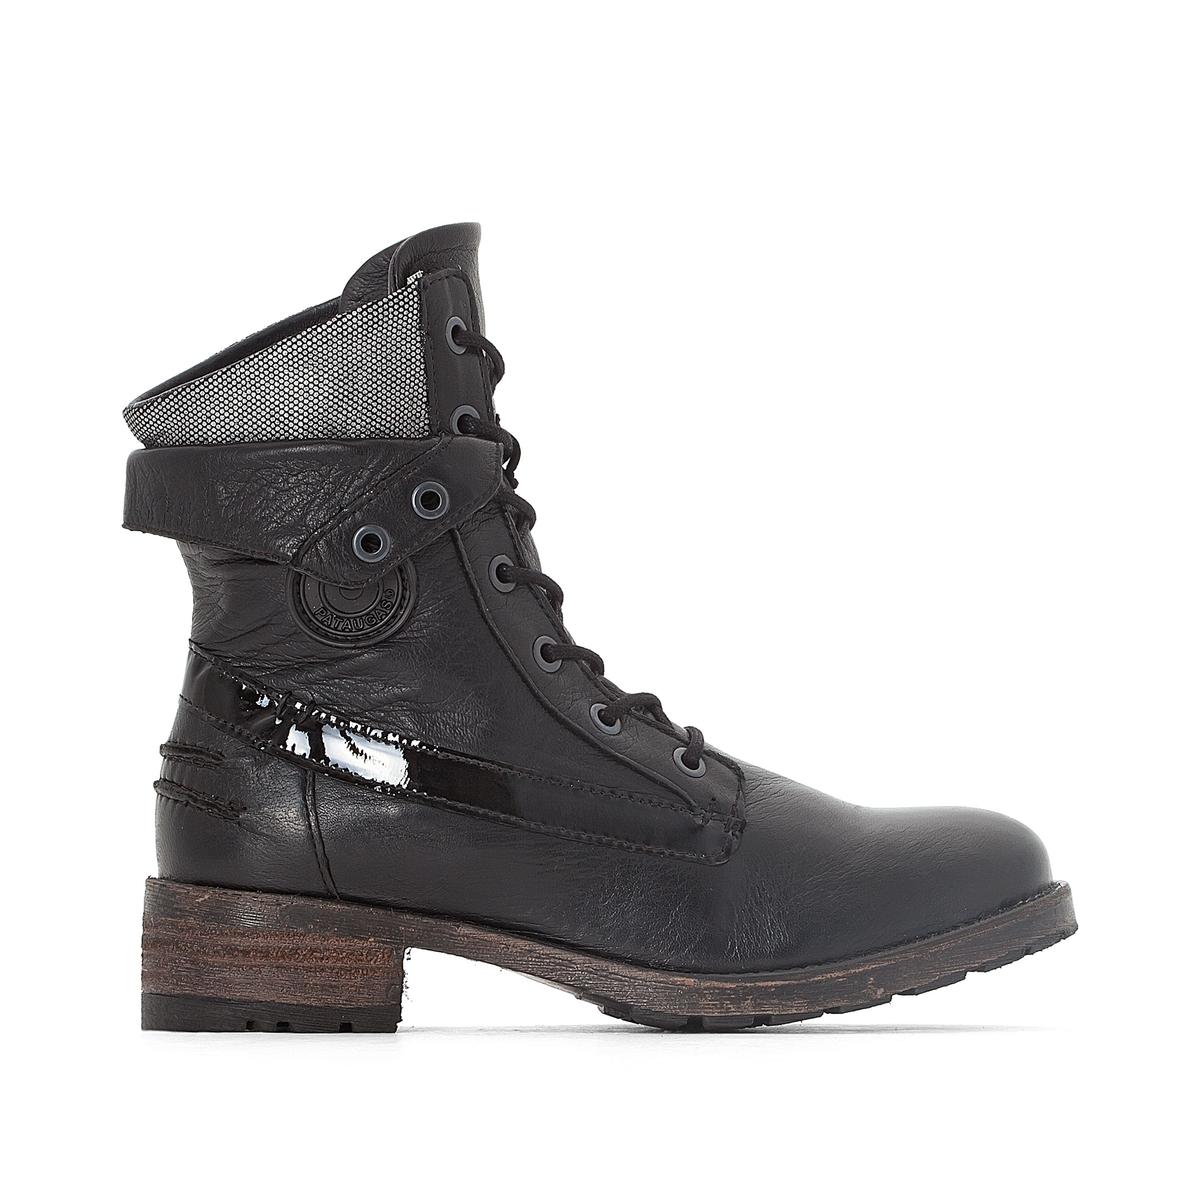 Ботинки кожаные на шнуровке DedayДетали  •  Высота голенища : 15 см для размера 37 •  Высота каблука : 0 см •  Застежка : шнуровка. •  Круглый мысокСостав и уход  •  Верх 100% яловичная кожа •  Подкладка 100% кожа •  Стелька 100% кожа •  Подошва 100% каучук<br><br>Цвет: черный